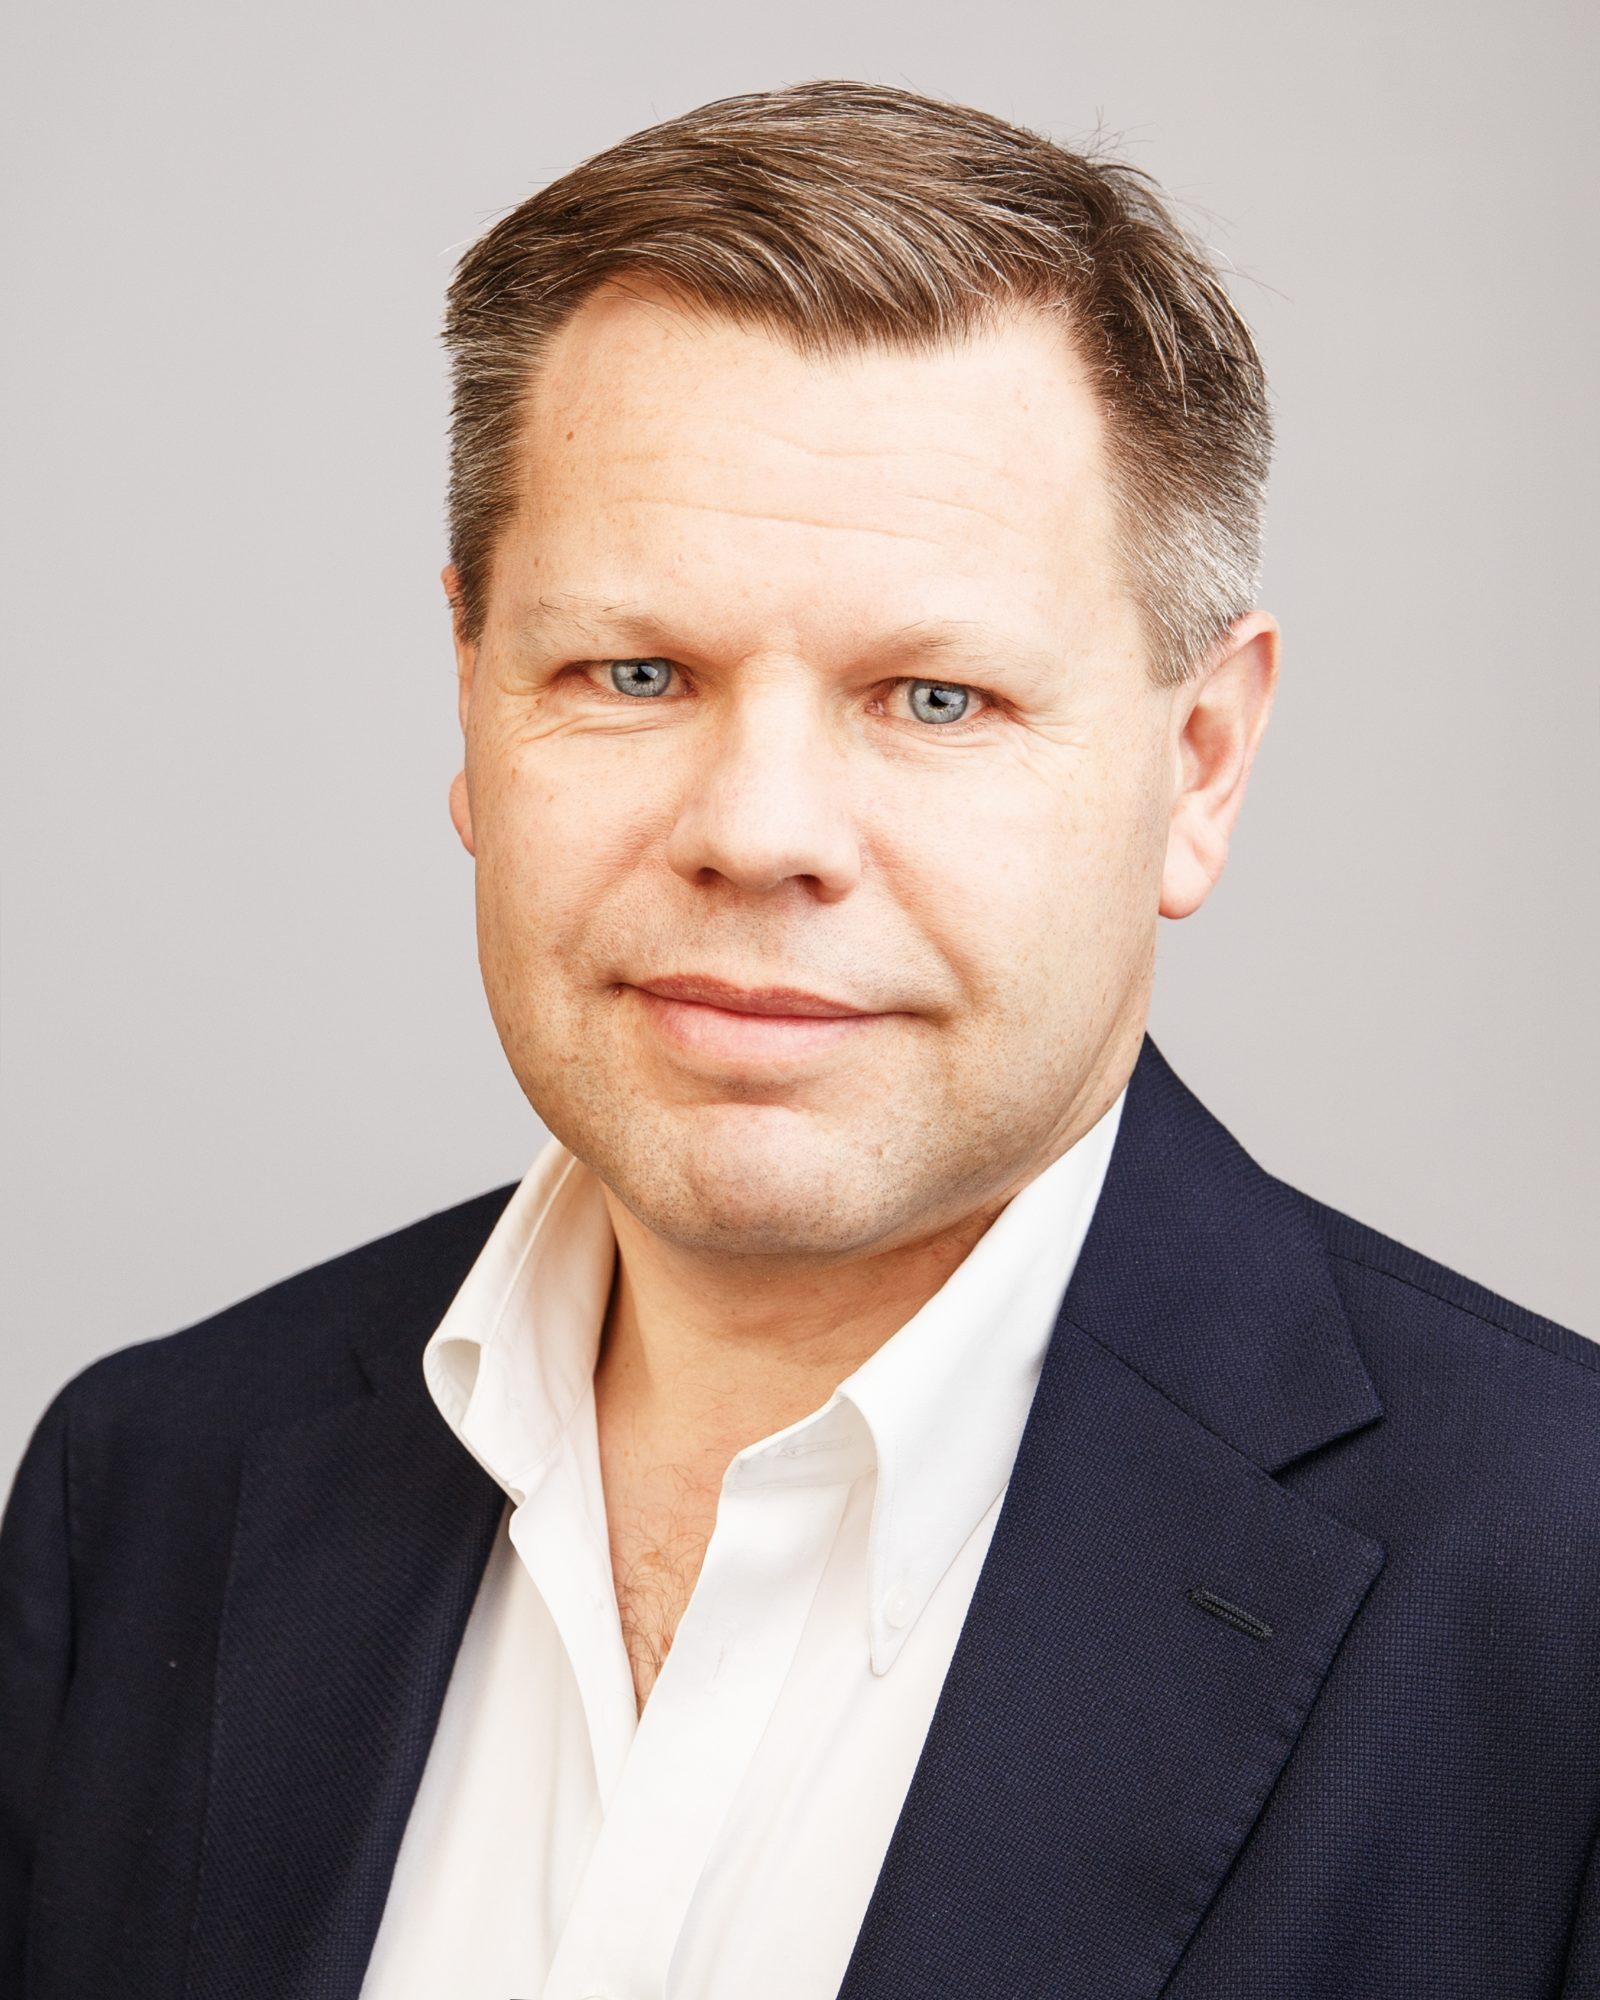 Juha Toikkanen